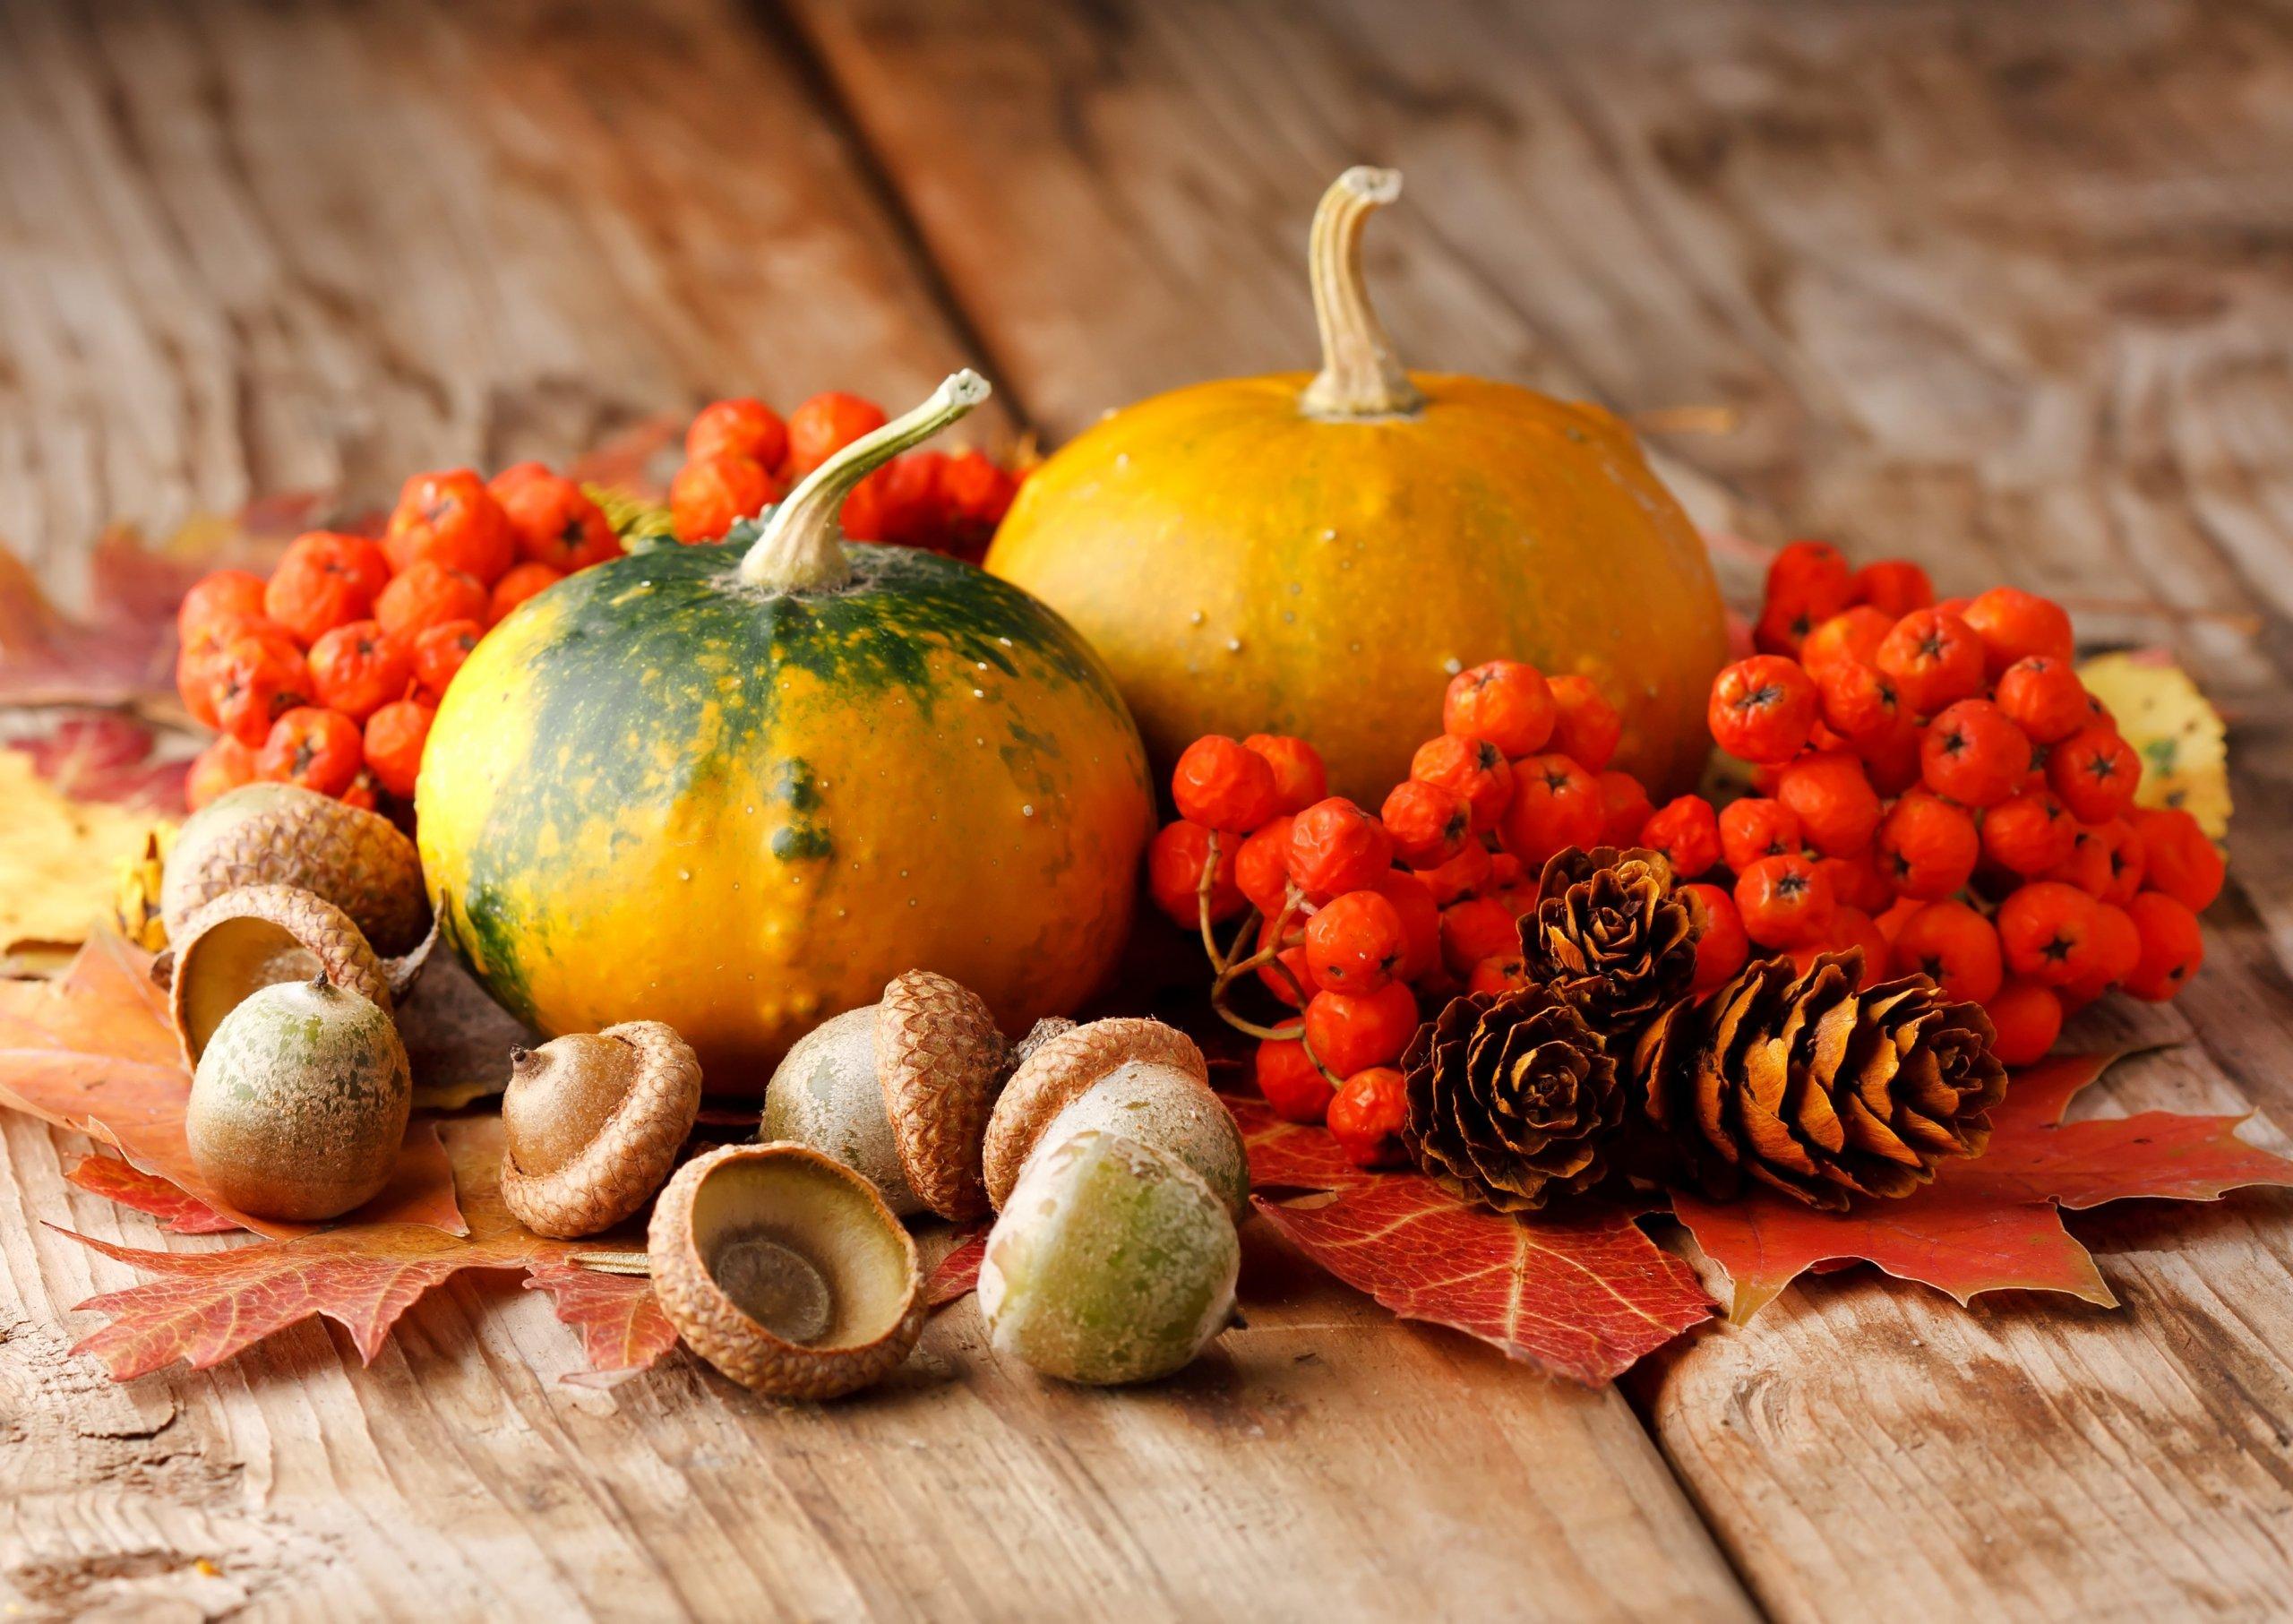 Už jste se také nechali zlákat a pořídili si domů nějakou tu podzimní dekoraci? Máme pro vás spoustu krásných tipů a inspirace na klasické i trochu netradiční ozdoby! Podzim září barvami, vyberte si, které z nich rozzáří váš domov.